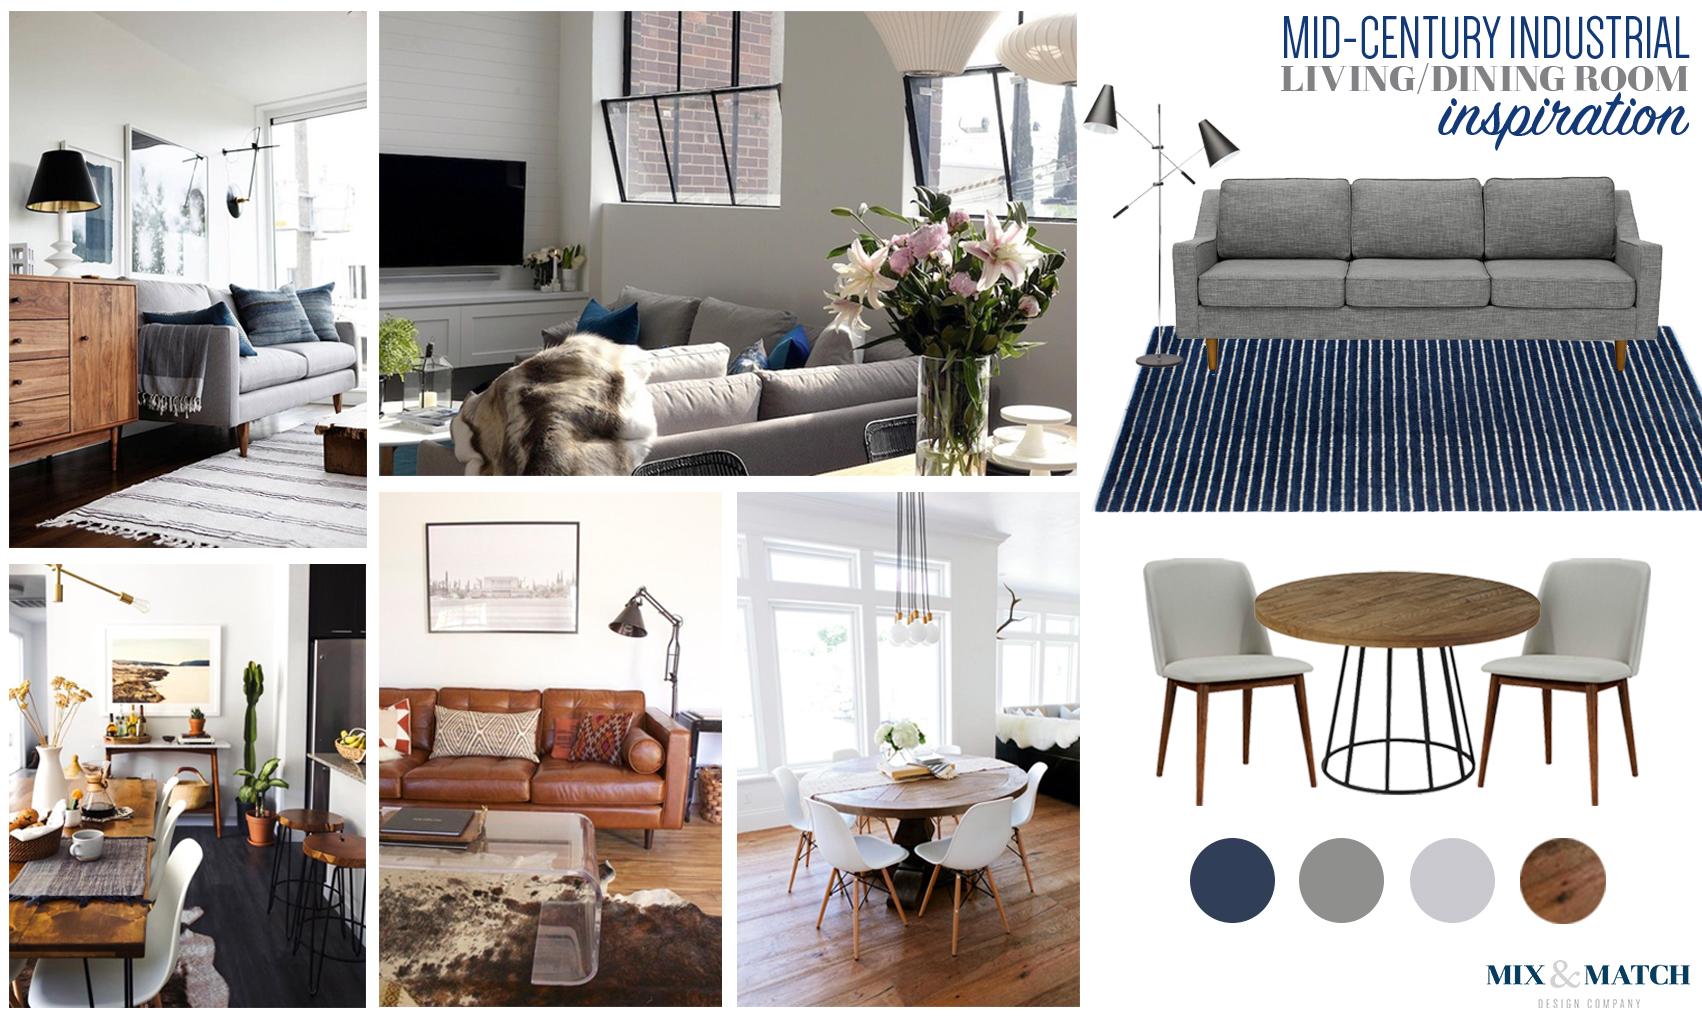 Mid-Century industrial living/dining room inspiration